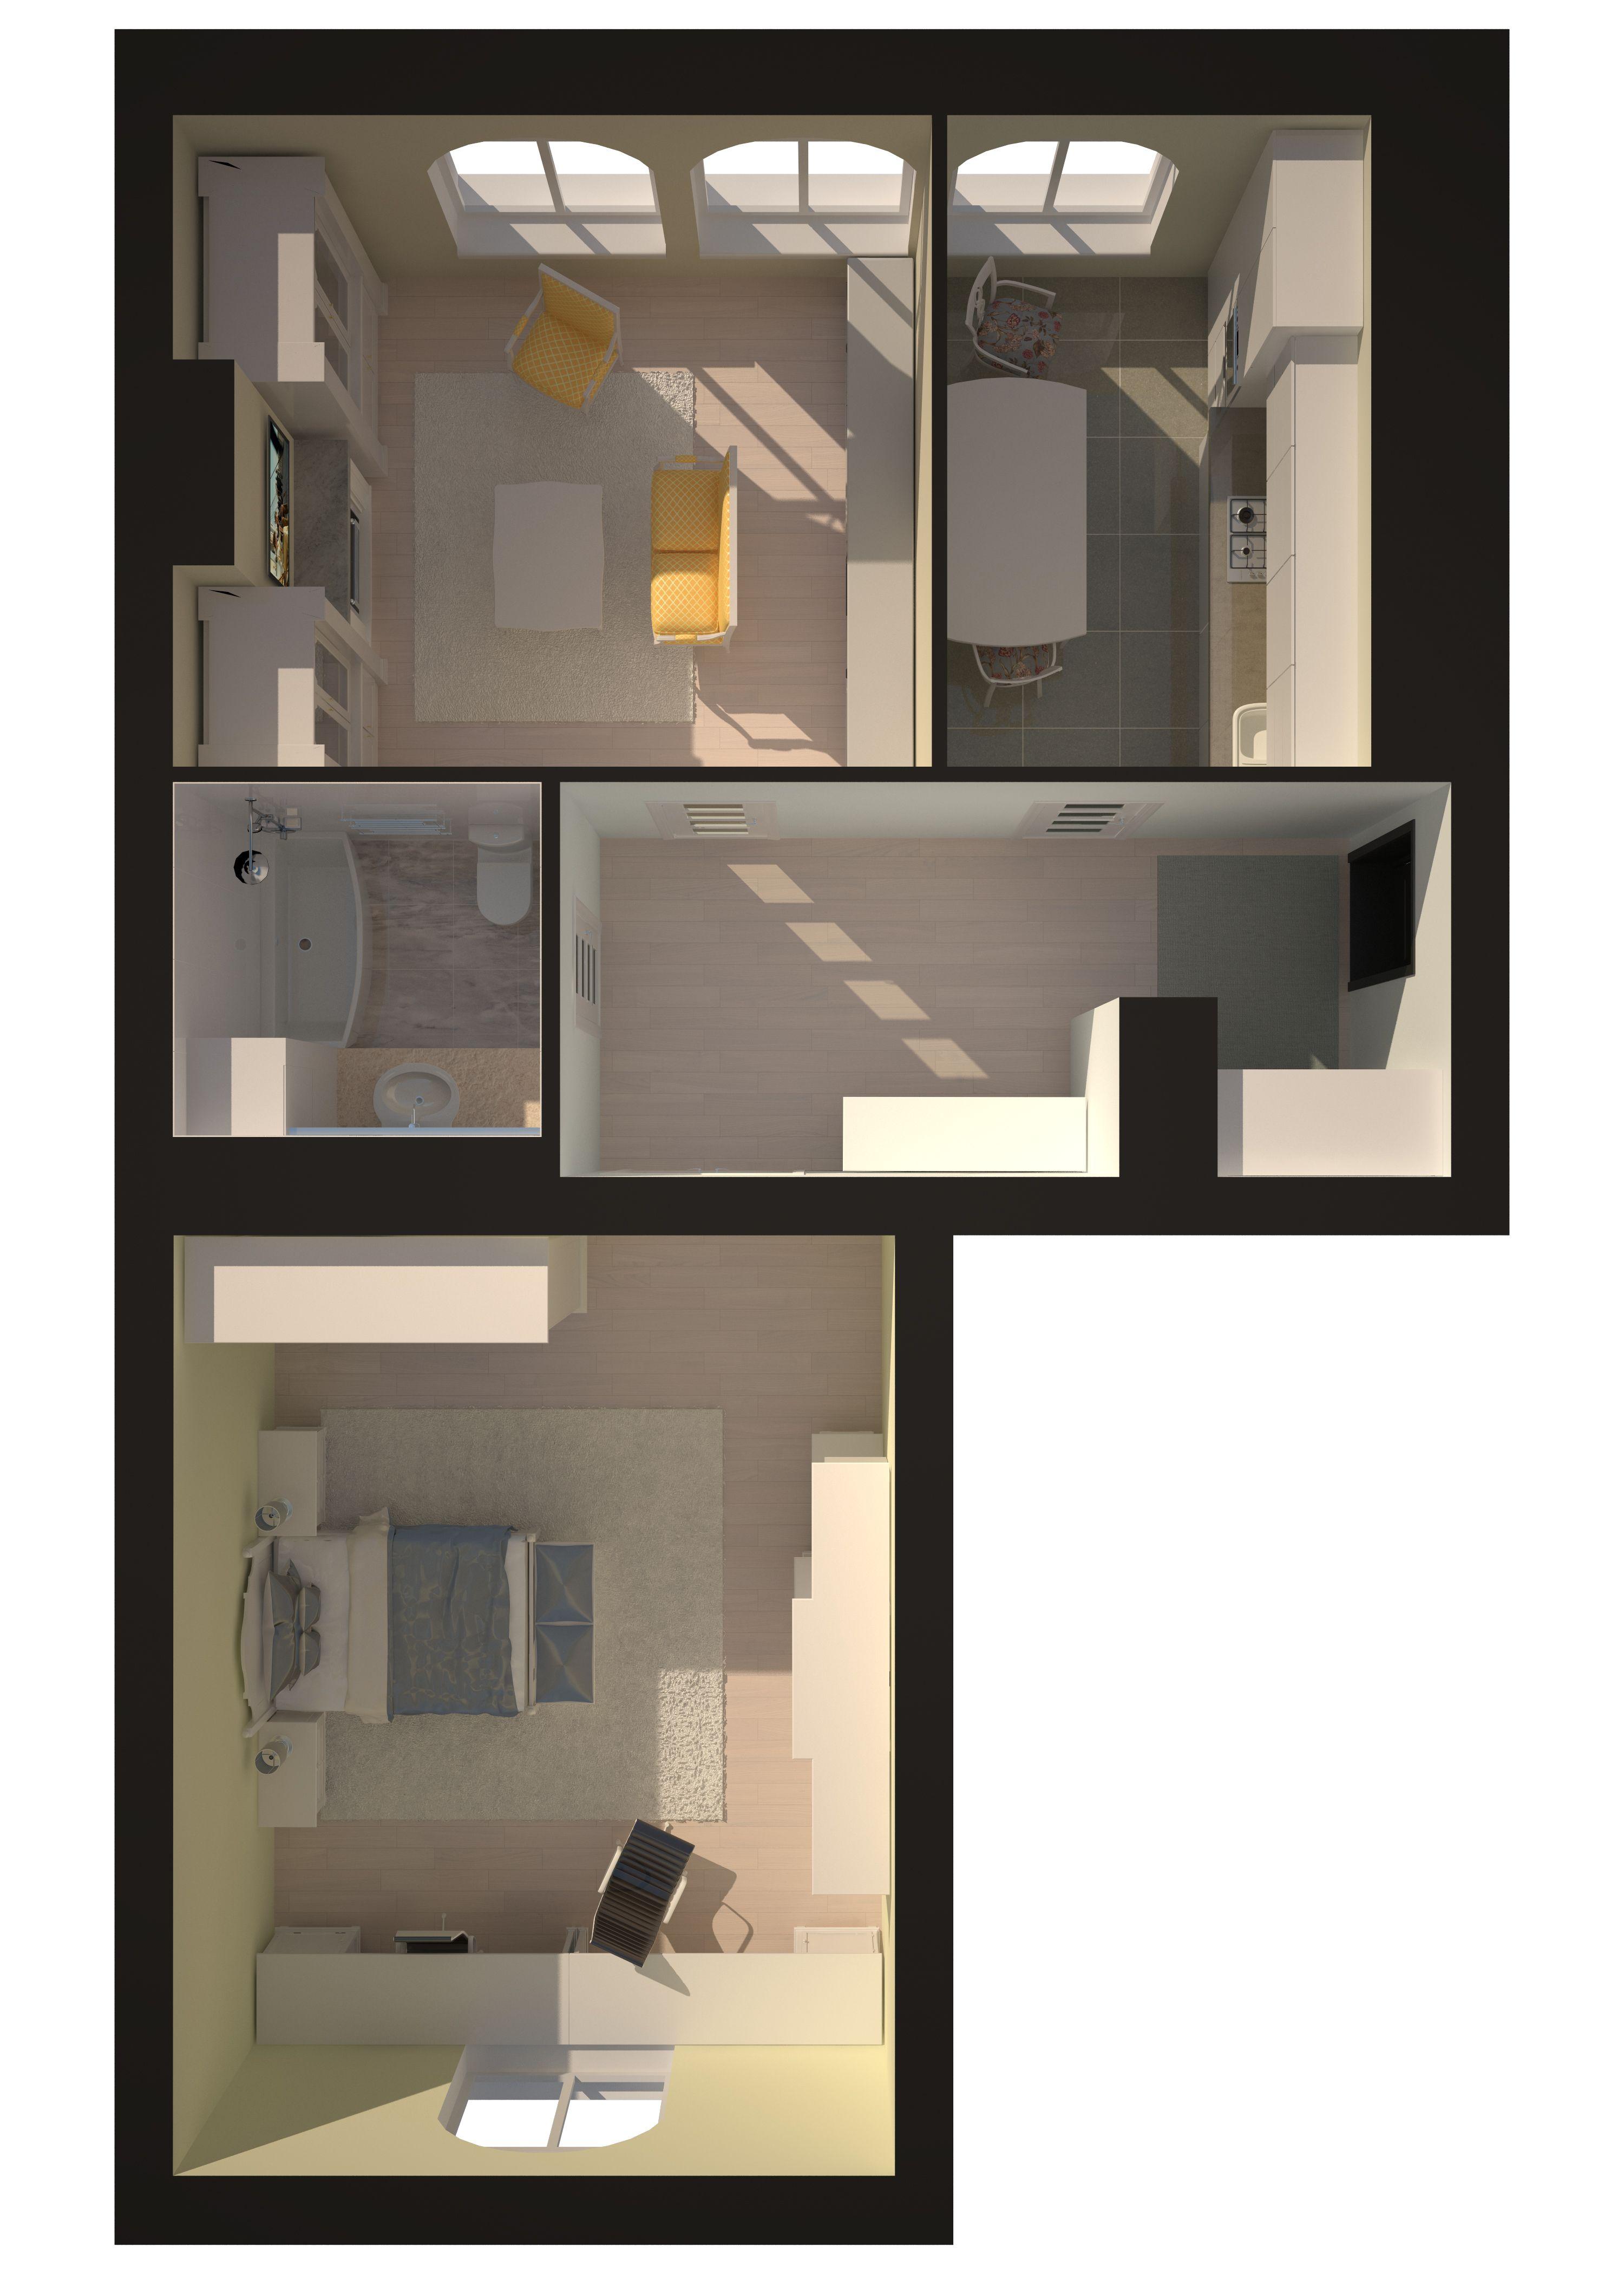 Двухкомнатная - Зеленый Мыс Premium Residence$65522Площадь:81.5m²